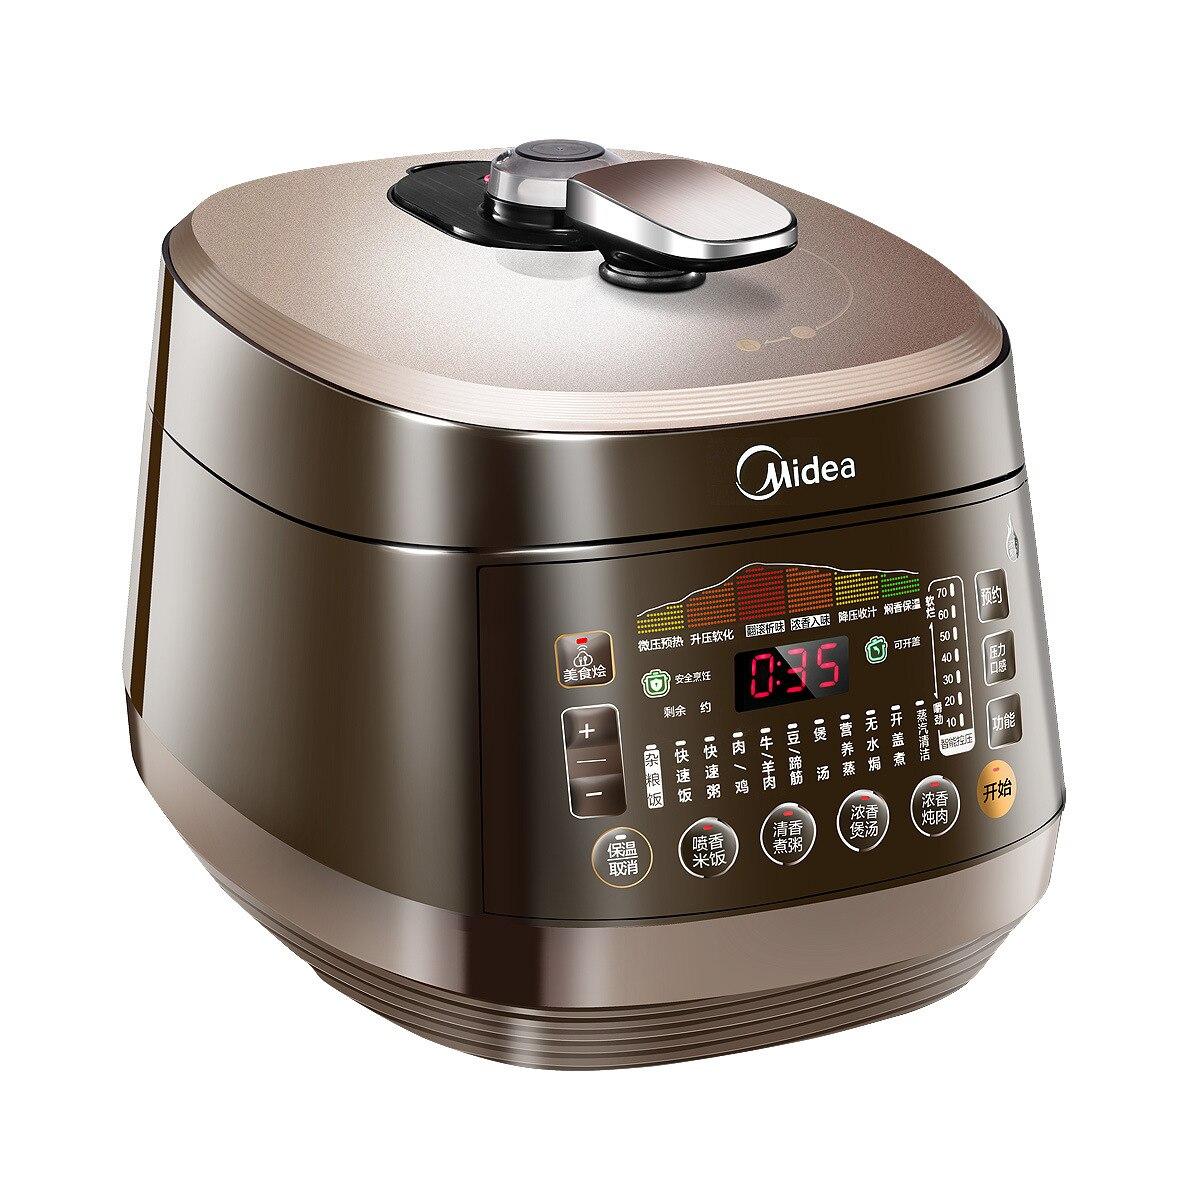 Cuiseur de tension double vésicule biliaire cuiseur à riz Intelligent ménage autocuiseur électrique 3-6 personnes mijoteuse pot instantané